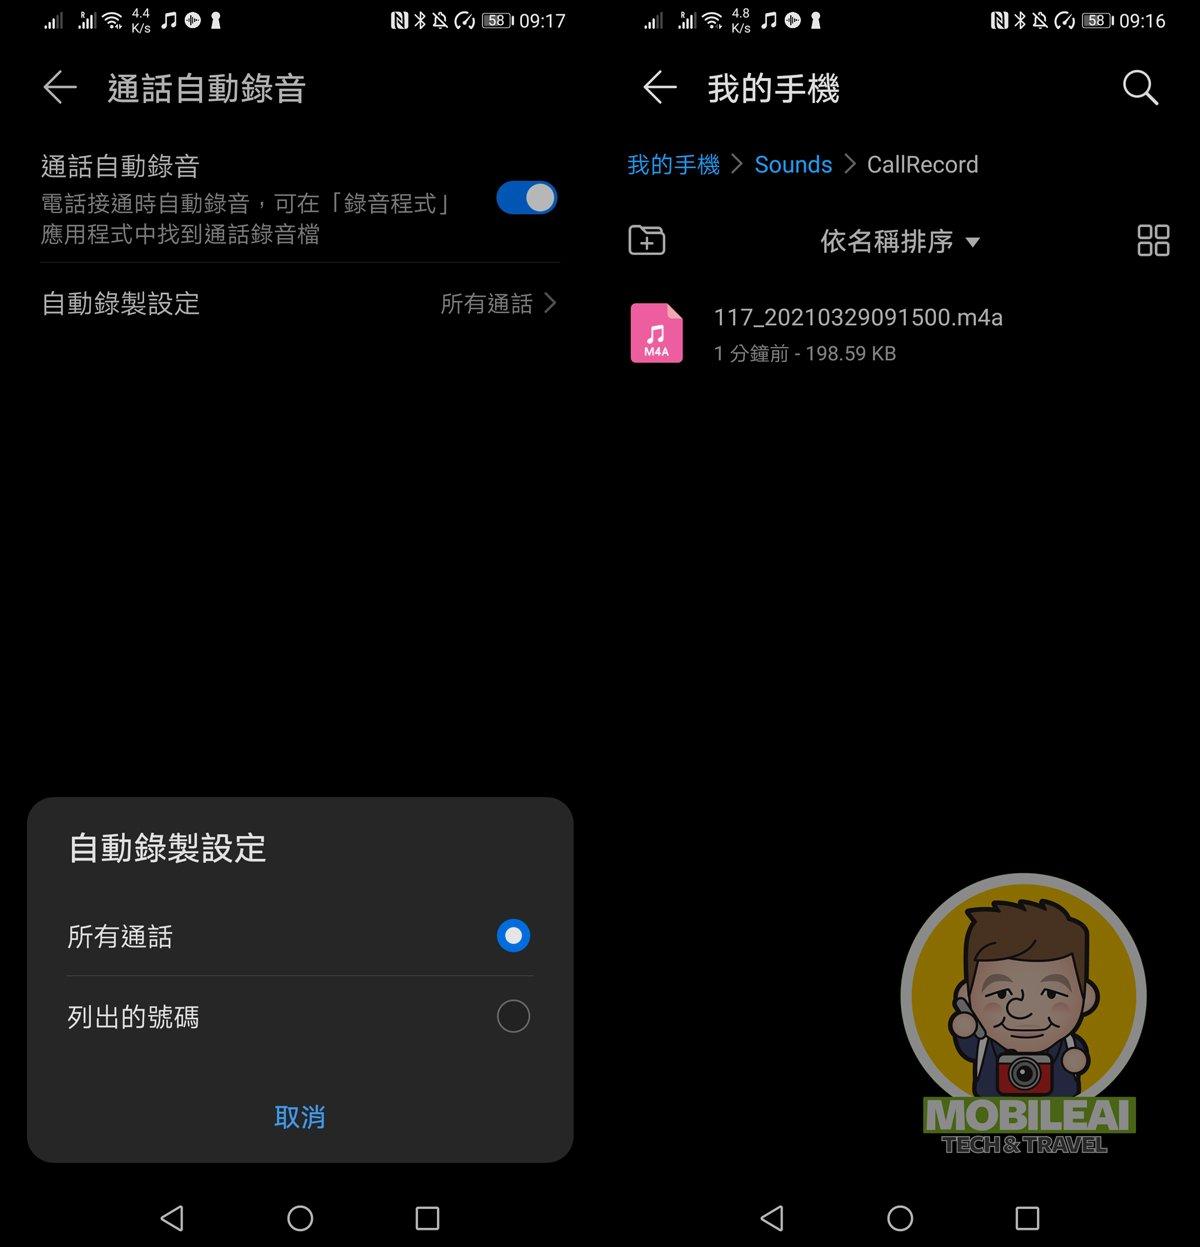 華為 HUAWEI EMUI 11 系統隱藏的通話錄音功能